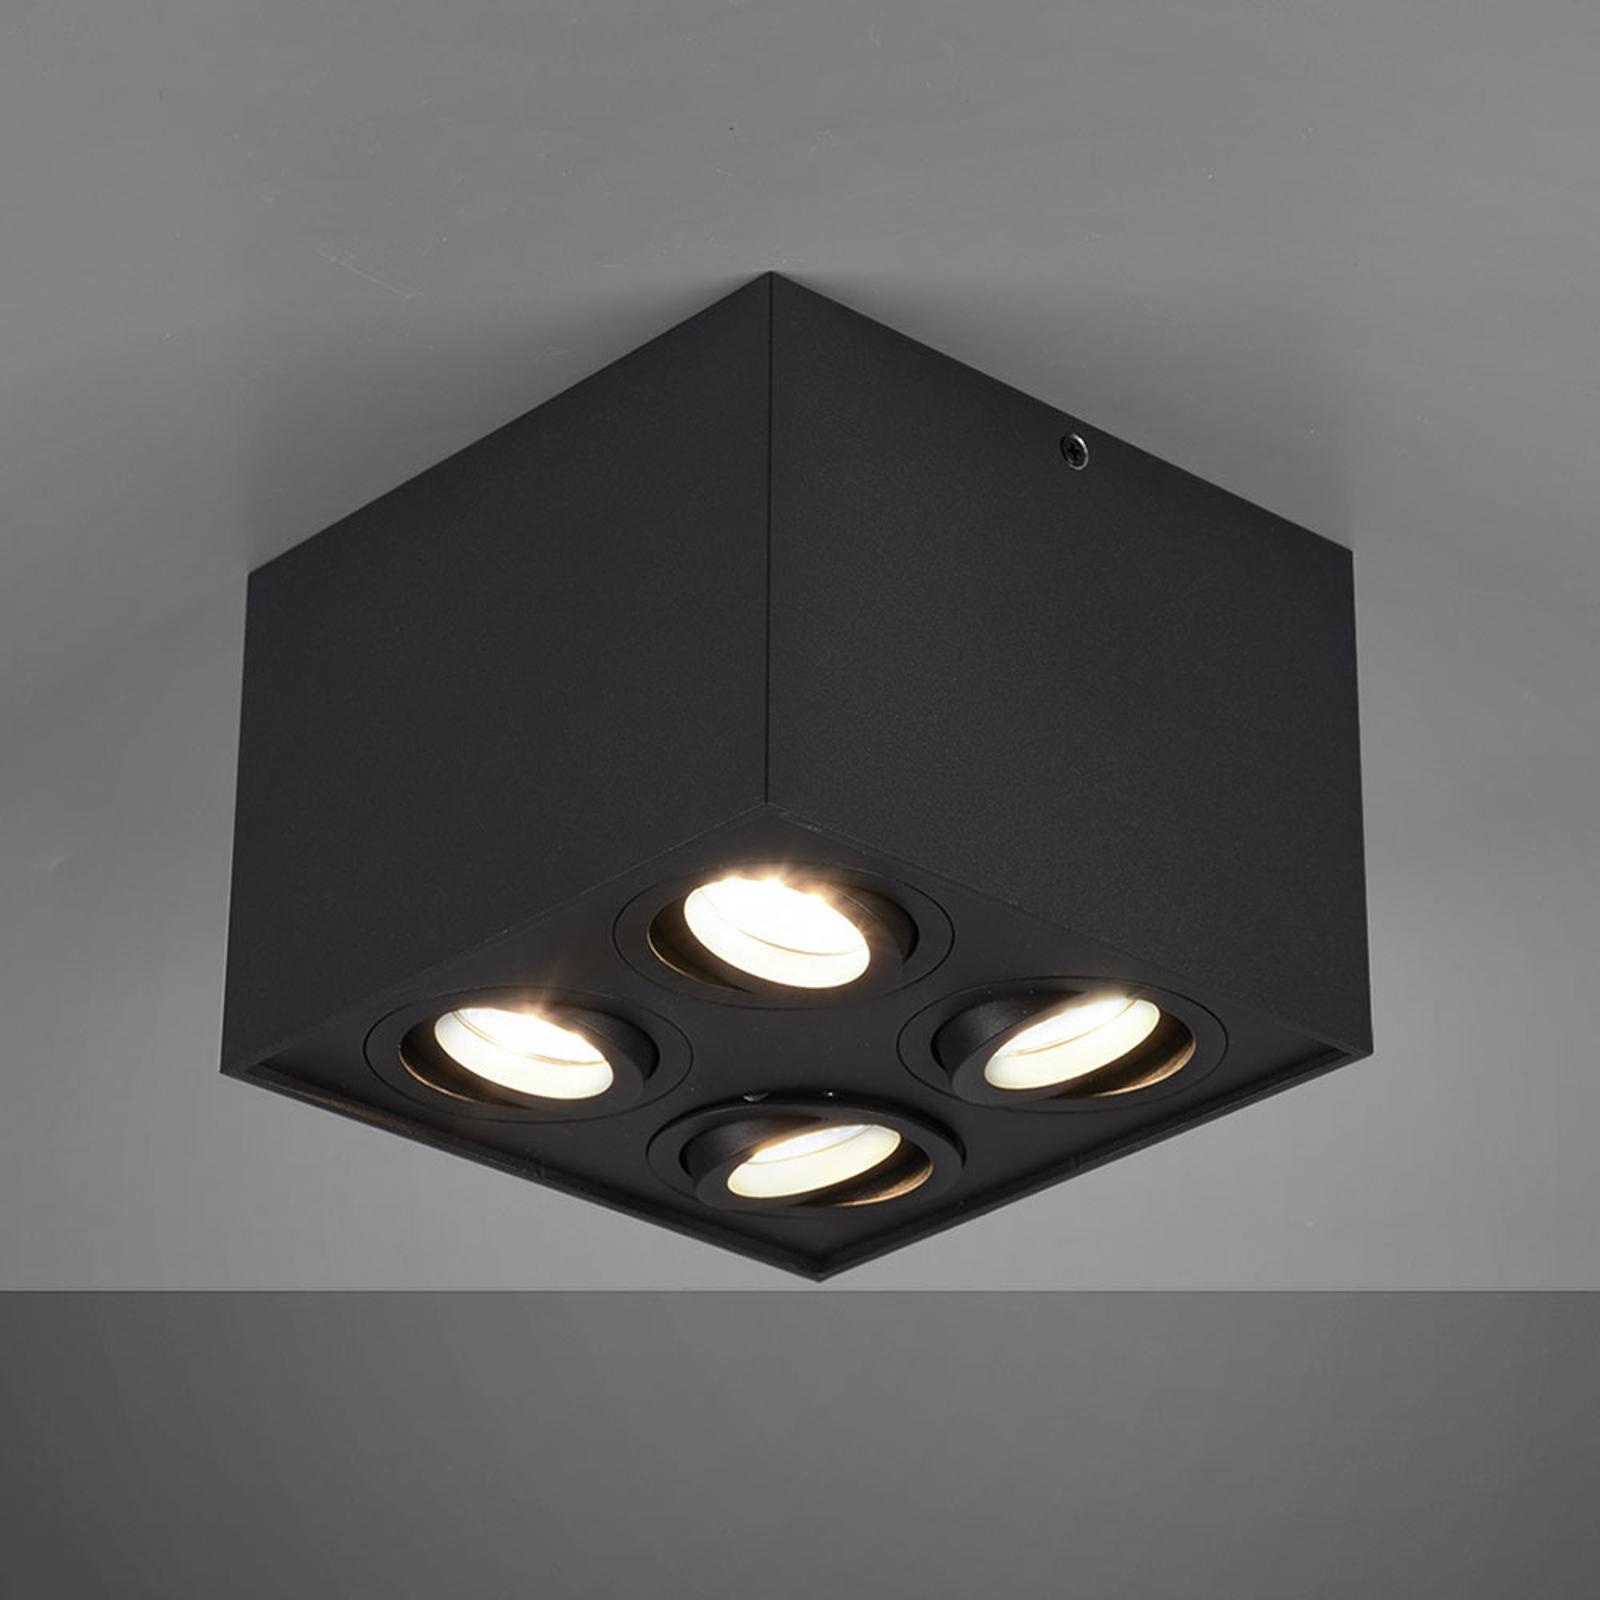 Taklampe Biscuit, 4 lyskilder, svart